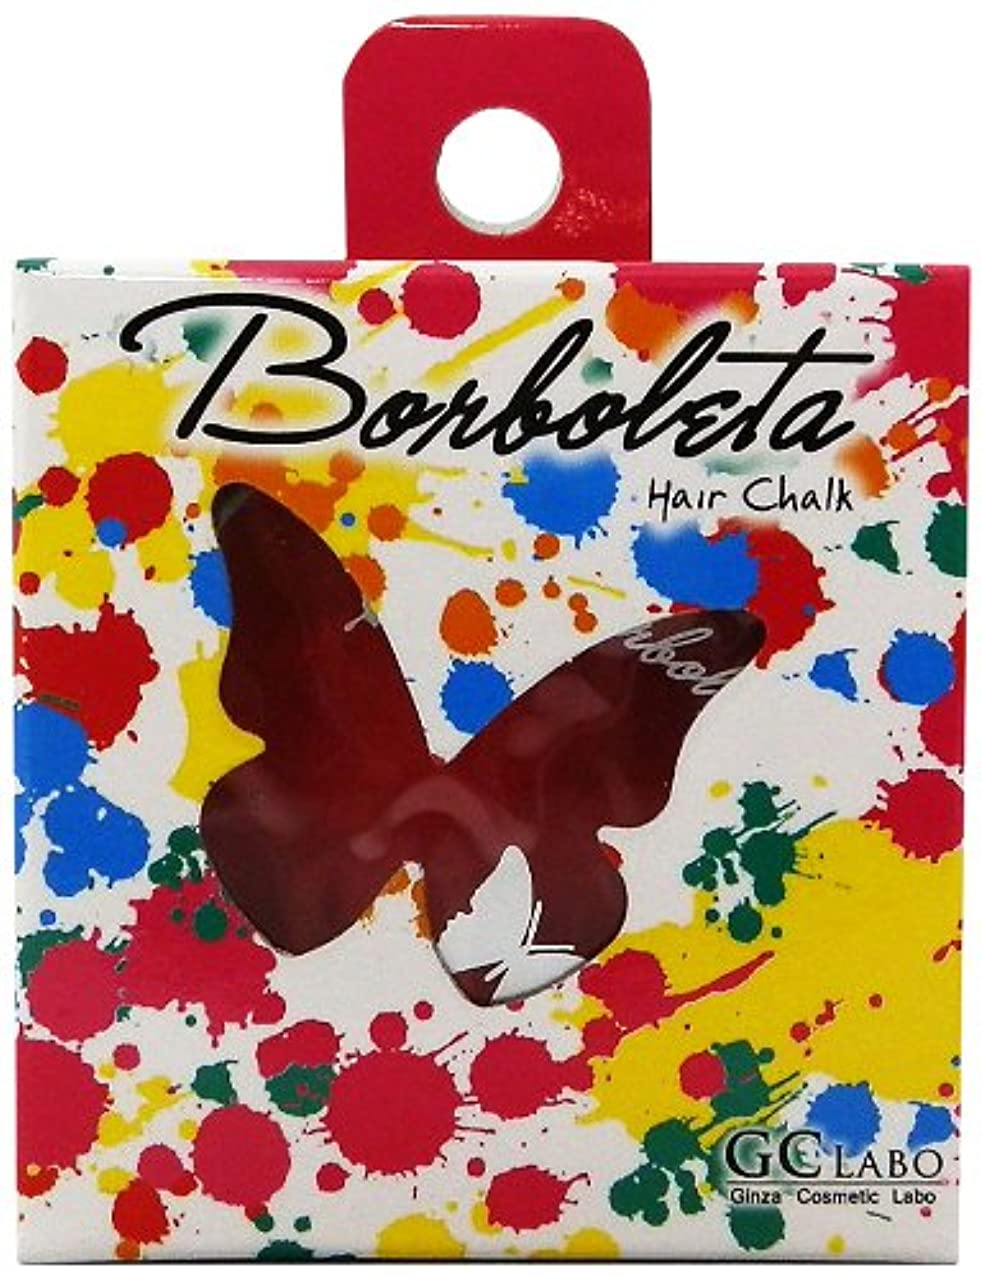 引き出す勃起子供達BorBoLeta(ボルボレッタ)ヘアカラーチョーク ピンク